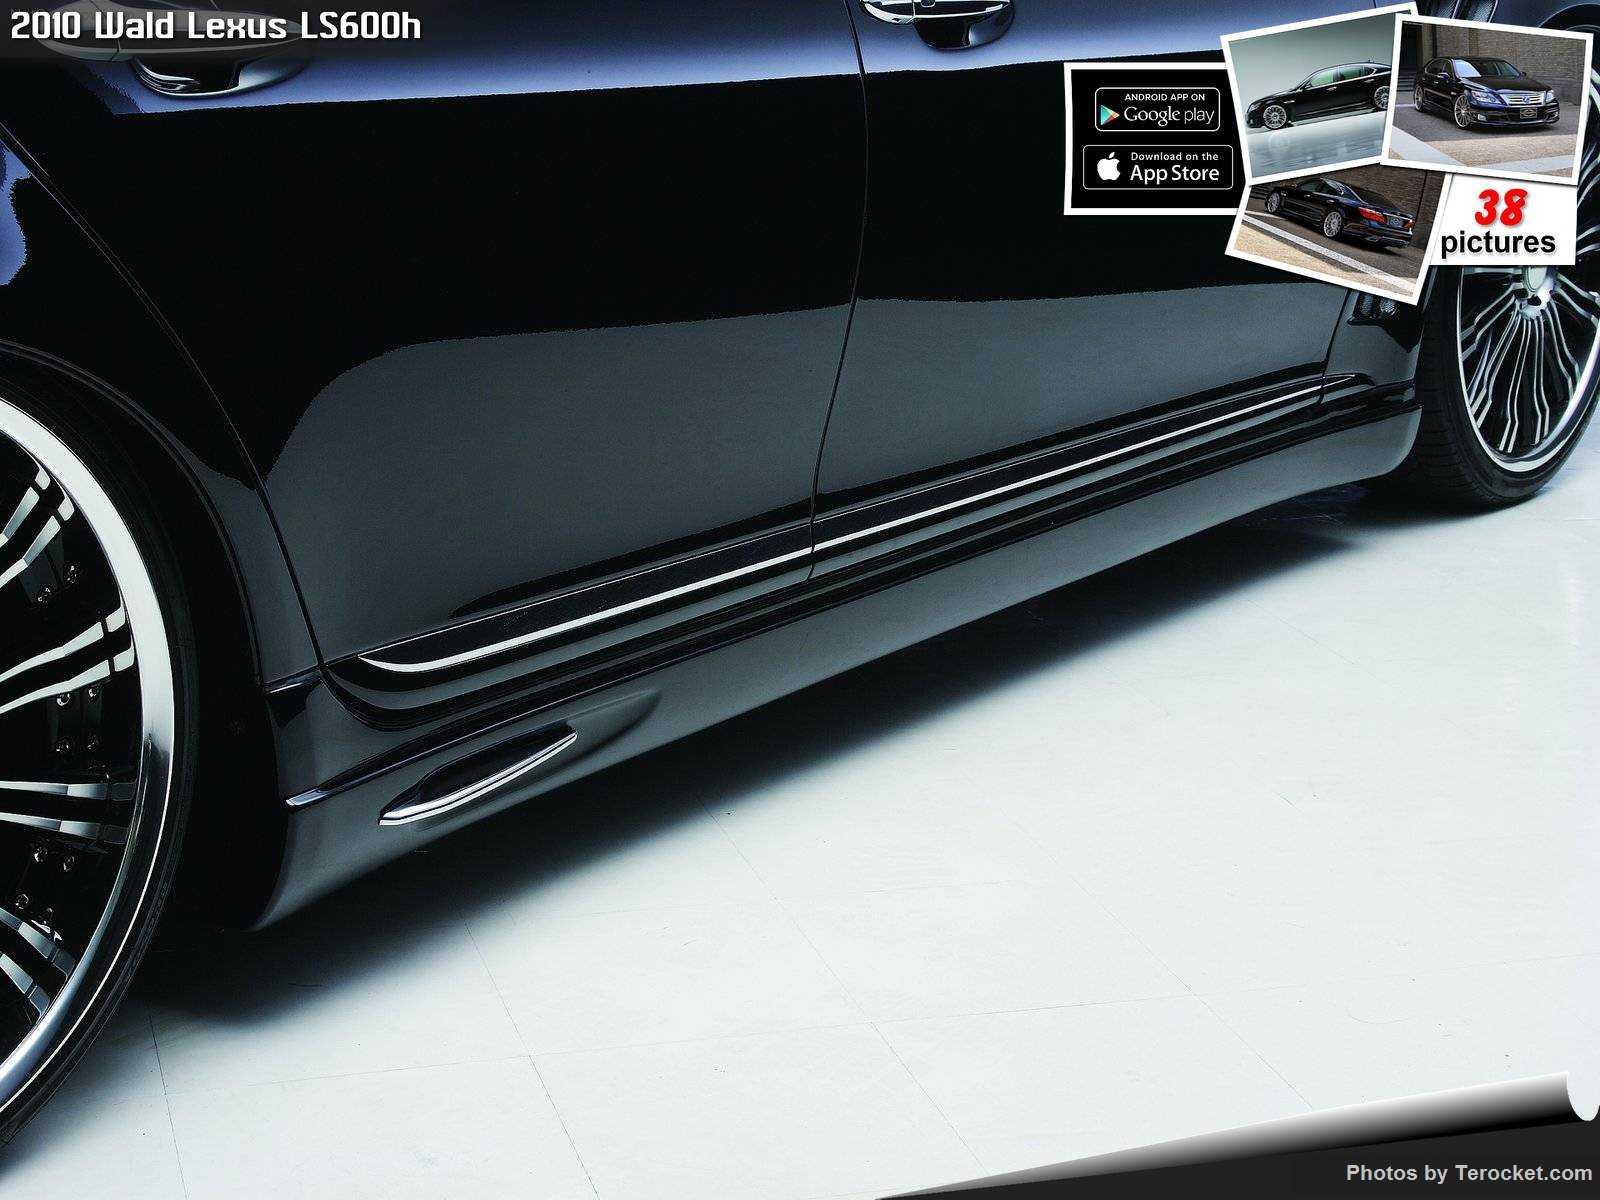 Hình ảnh xe độ Wald Lexus LS600h 2010 & nội ngoại thất